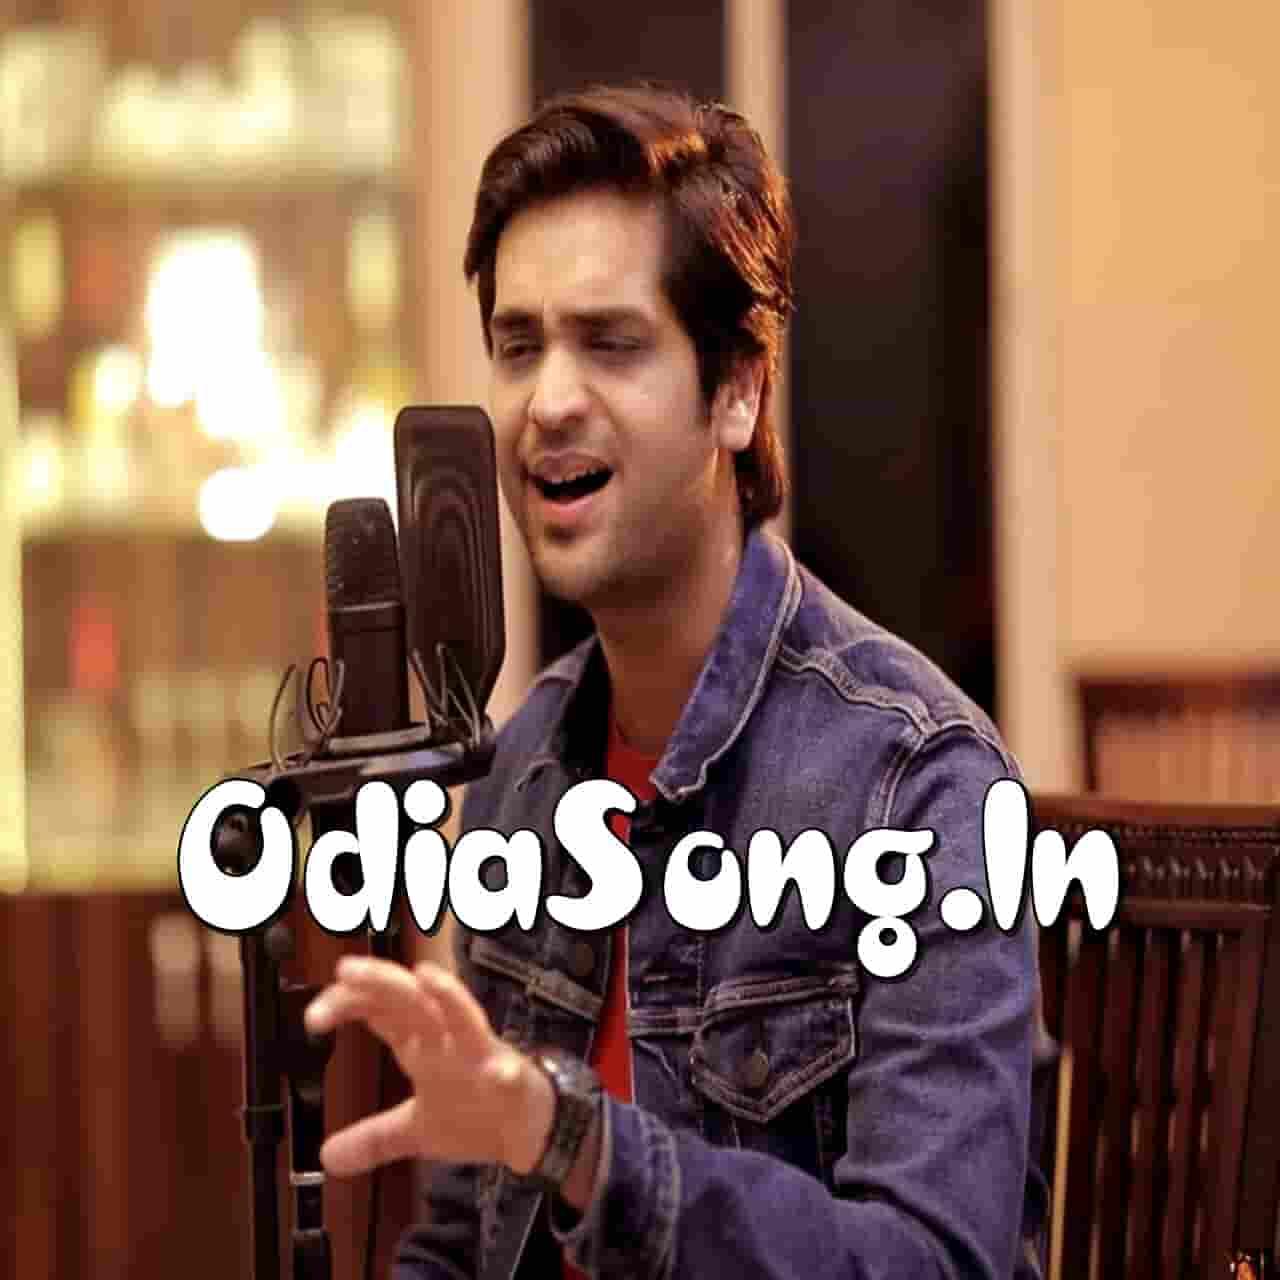 Prema Re Padigali - Odia Romantic Song (Swayam Padhi)